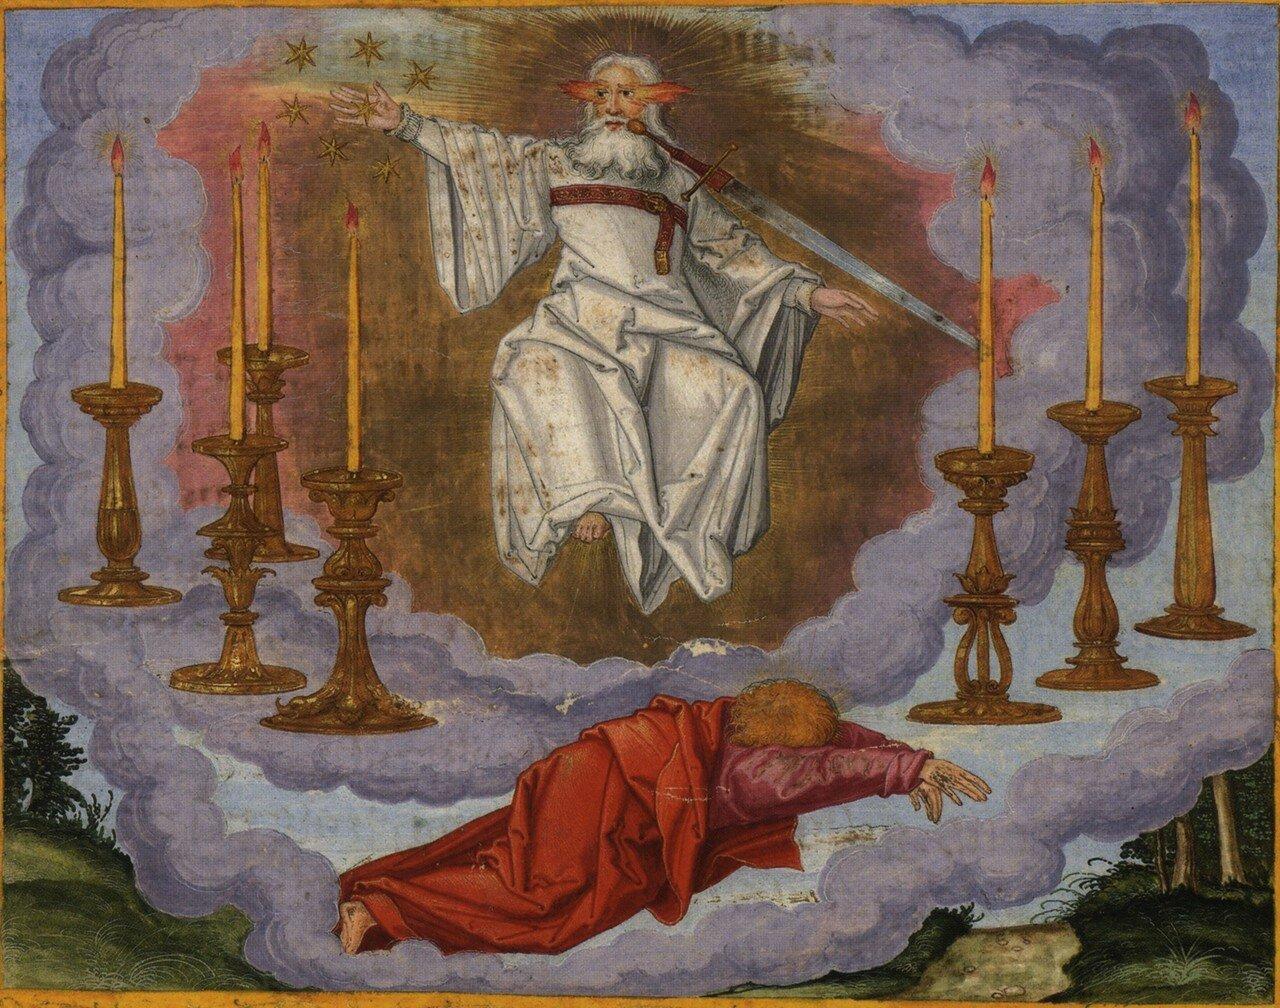 Ottheinrich_Folio284v_Rev1.jpg